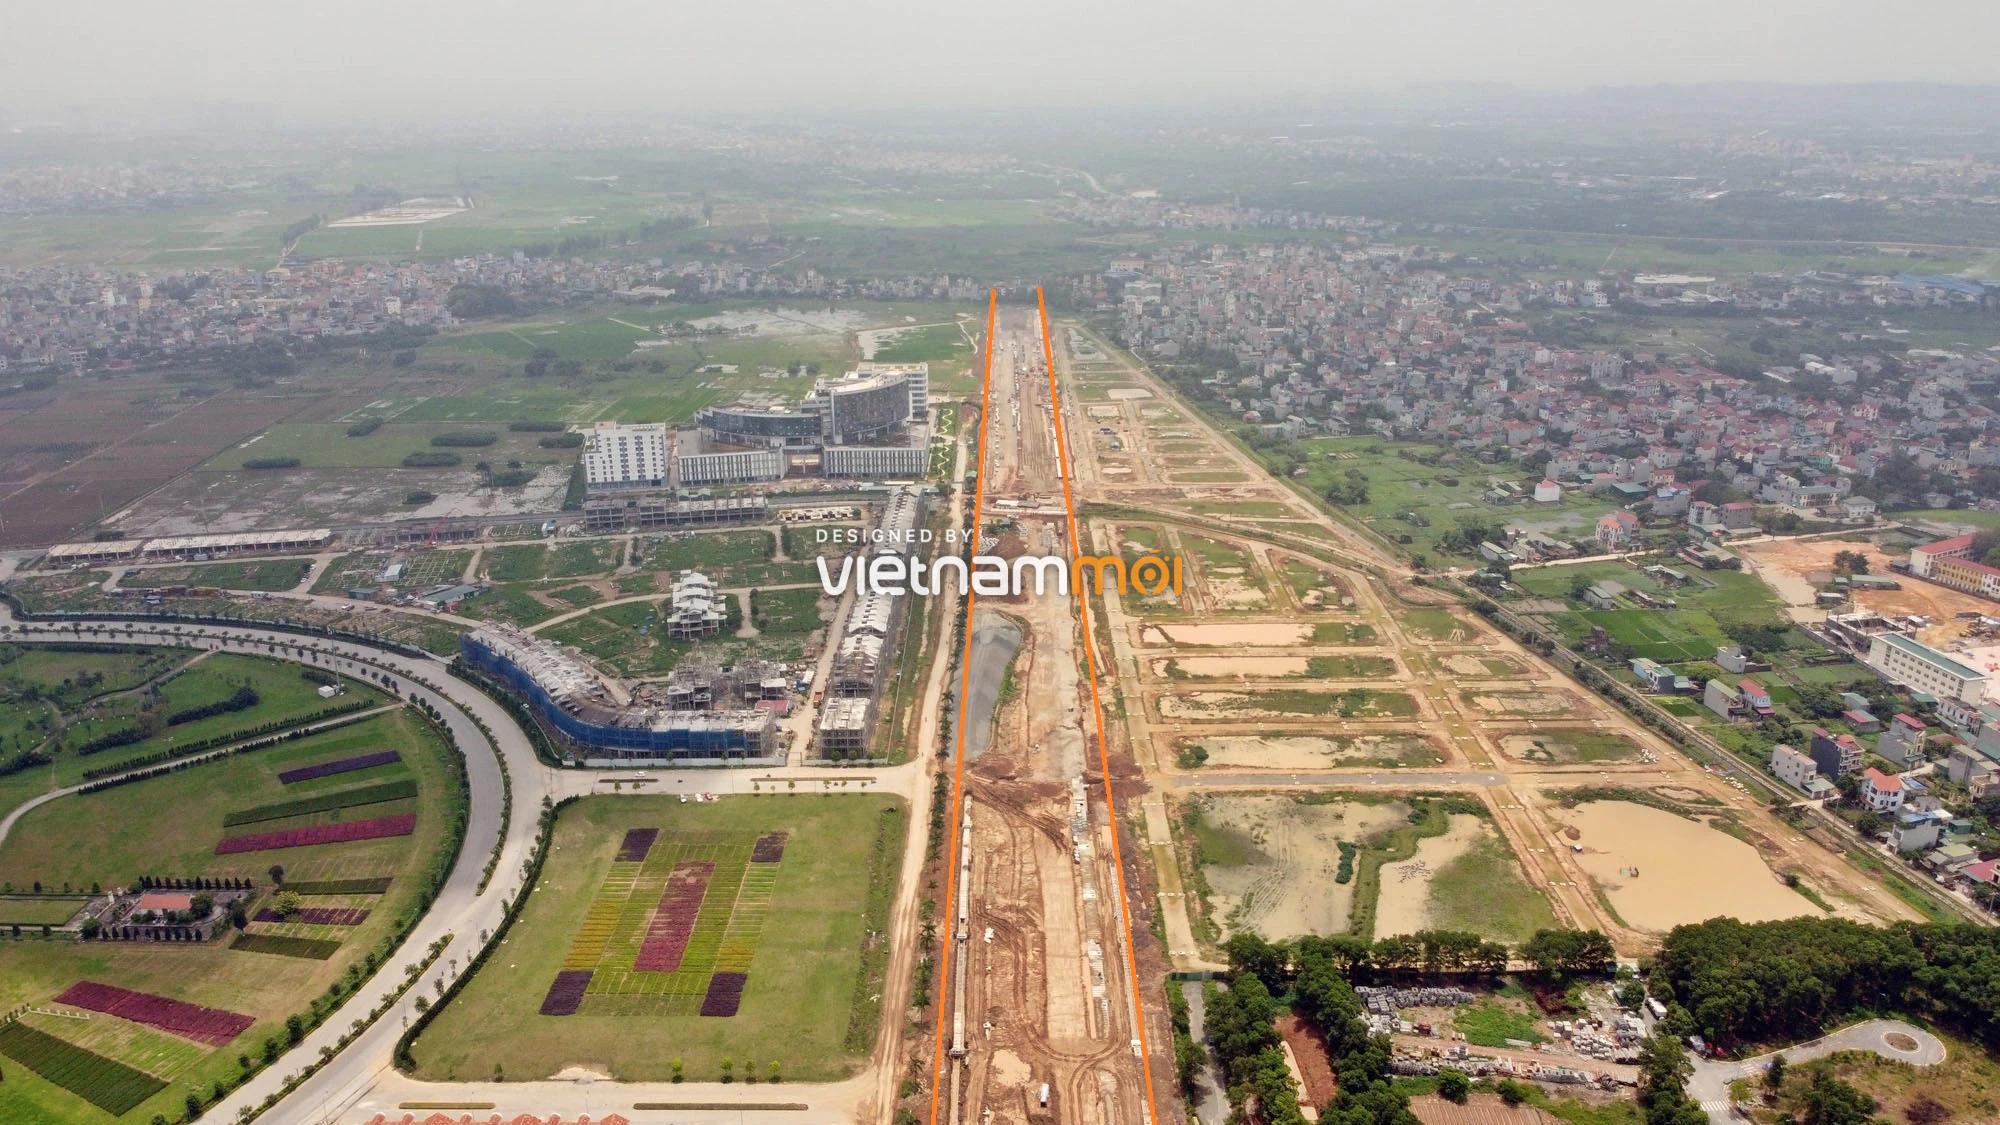 Toàn cảnh đường nối Đại lộ Thăng Long - tỉnh lộ 423 qua KĐT Nam An Khánh đang mở theo quy hoạch ở Hà Nội - Ảnh 10.